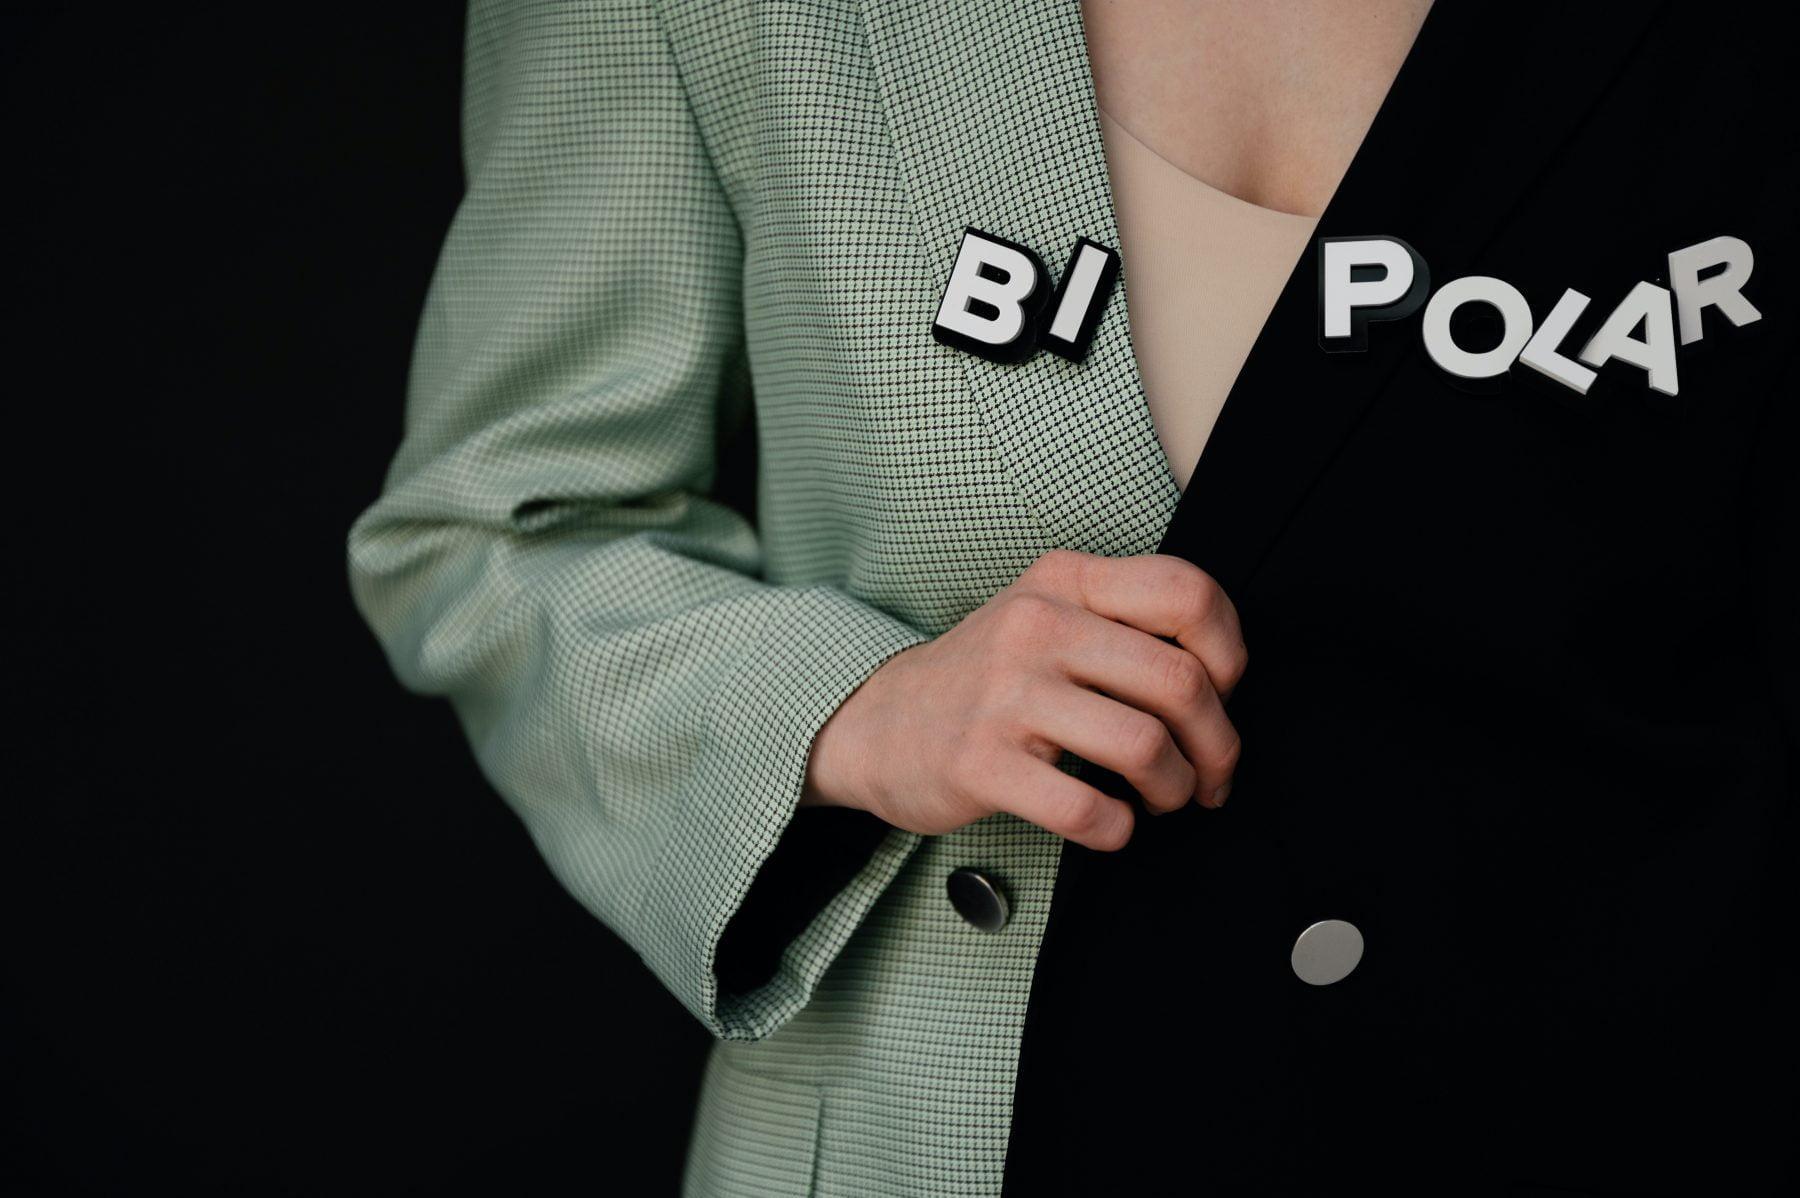 Bild einer Jacke mit bipolarem Dinkel darauf.